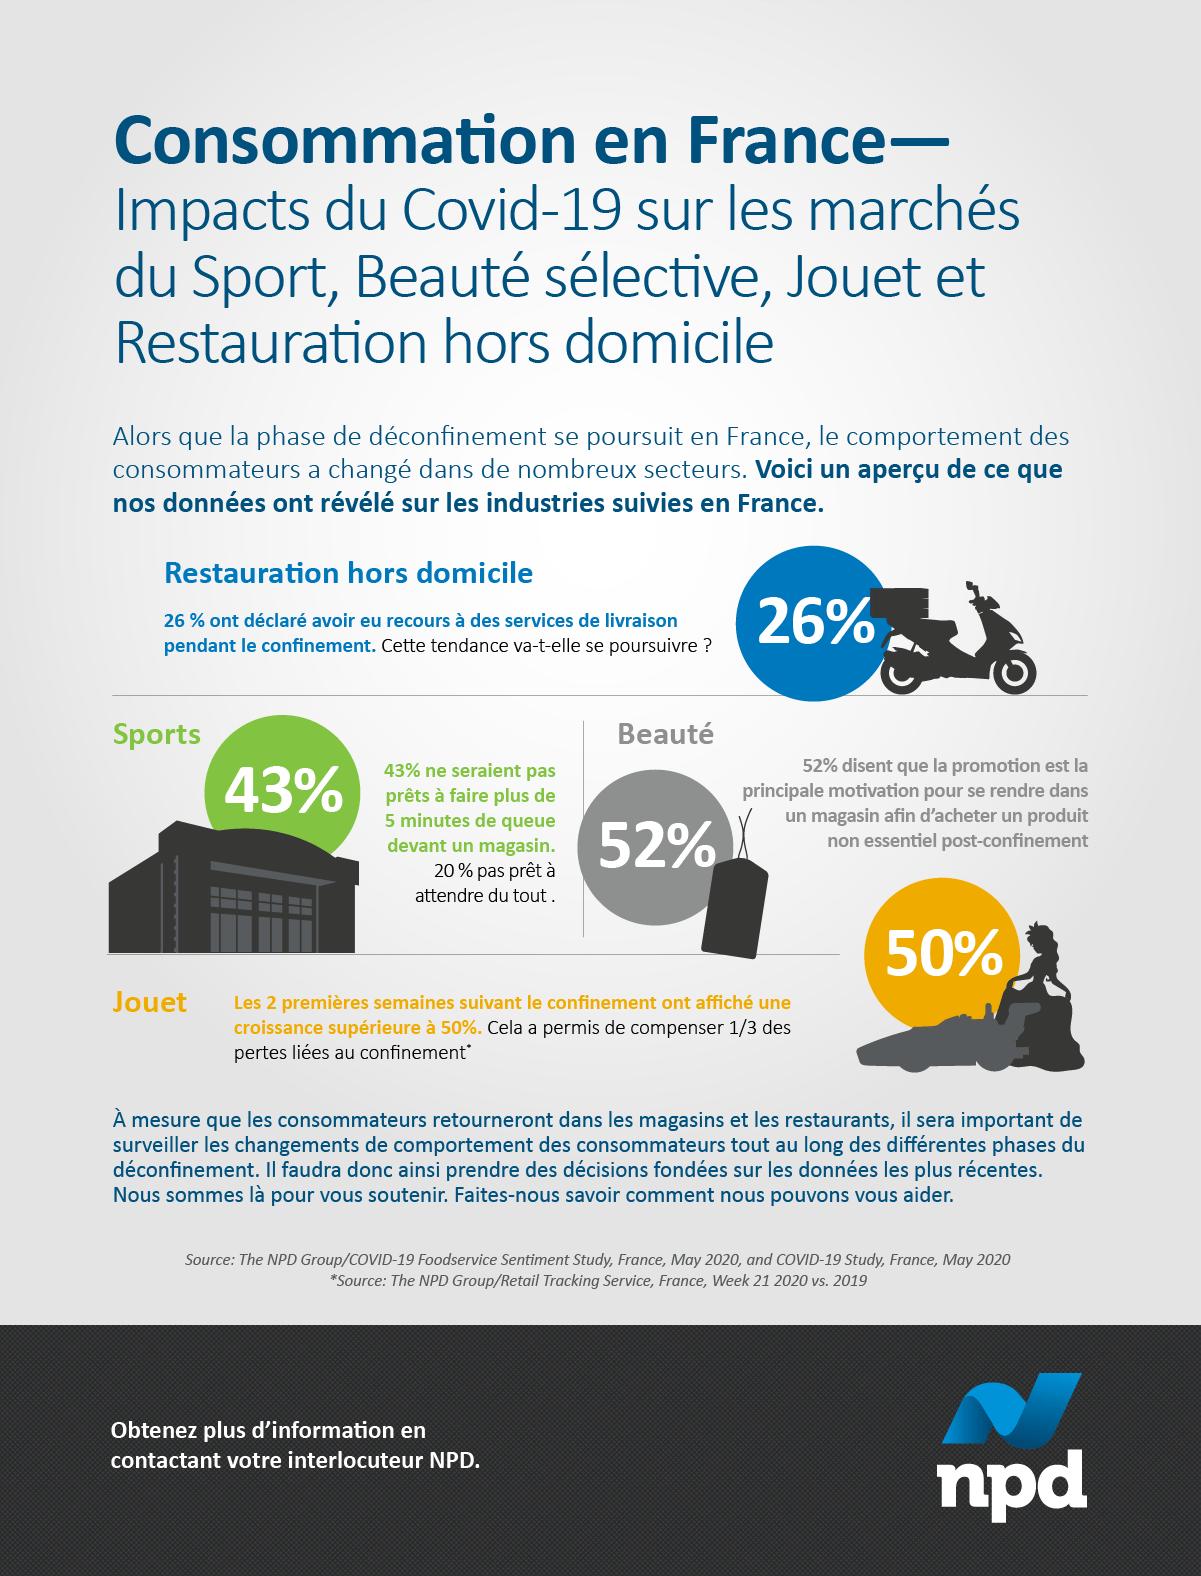 Alors que la phase de déconfinement se poursuit en France, le comportement des consommateurs a changé dans de nombreux secteurs.